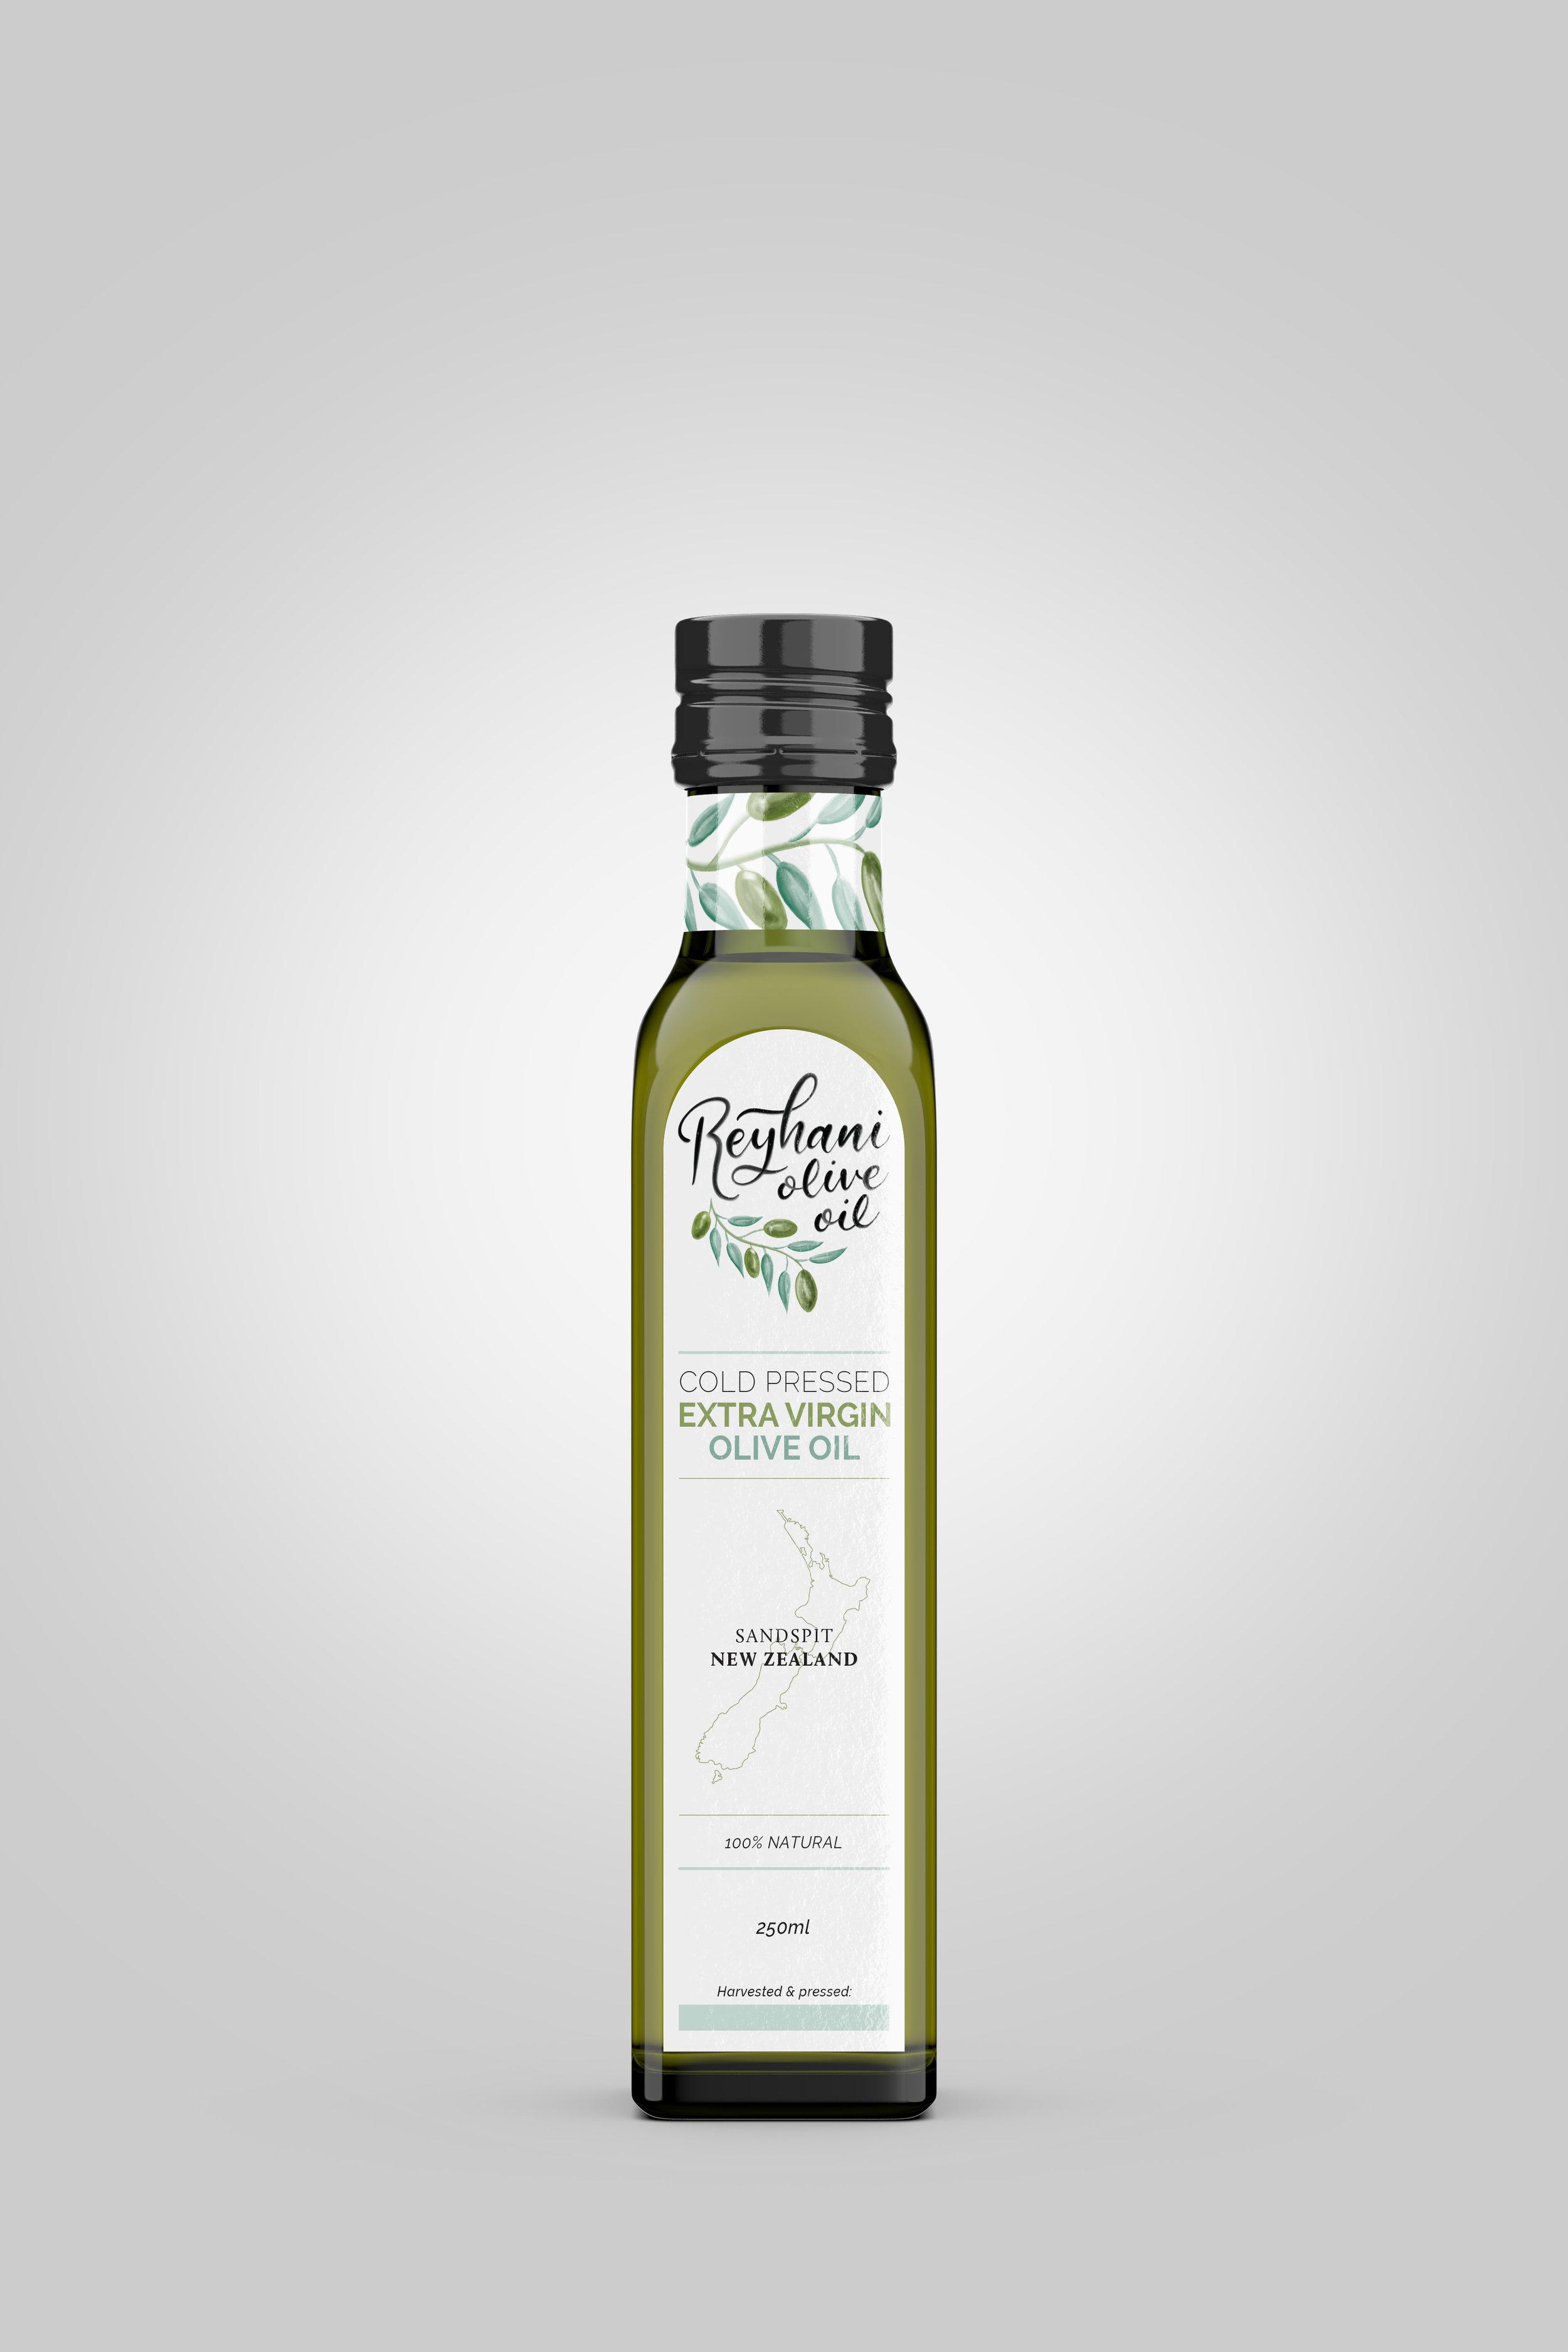 Full view of 250ml olive oil bottle